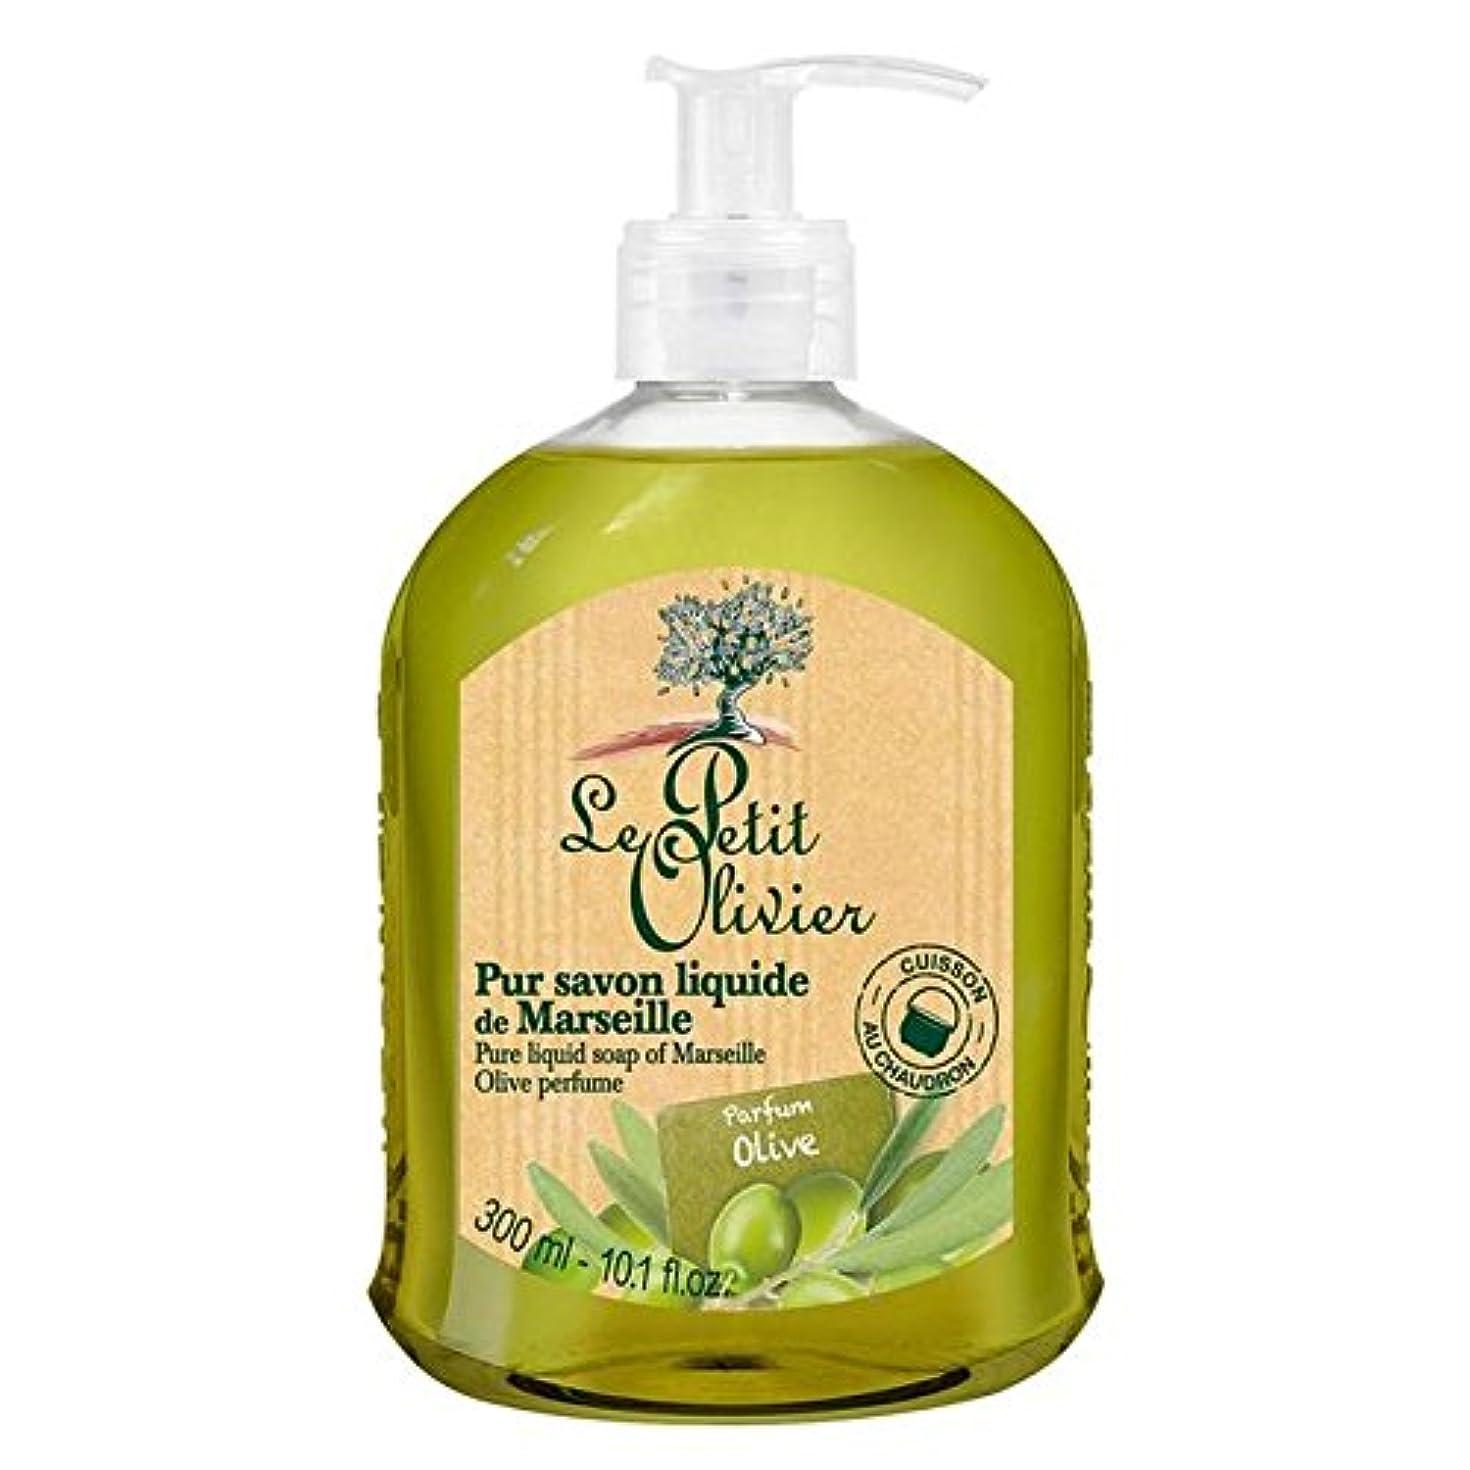 起業家抽出どっちLe Petit Olivier Pure Liquid Soap of Marseille, Olive Oil 300ml - マルセイユのル?プティ?オリヴィエ純粋な液体石鹸、オリーブオイル300ミリリットル [並行輸入品]